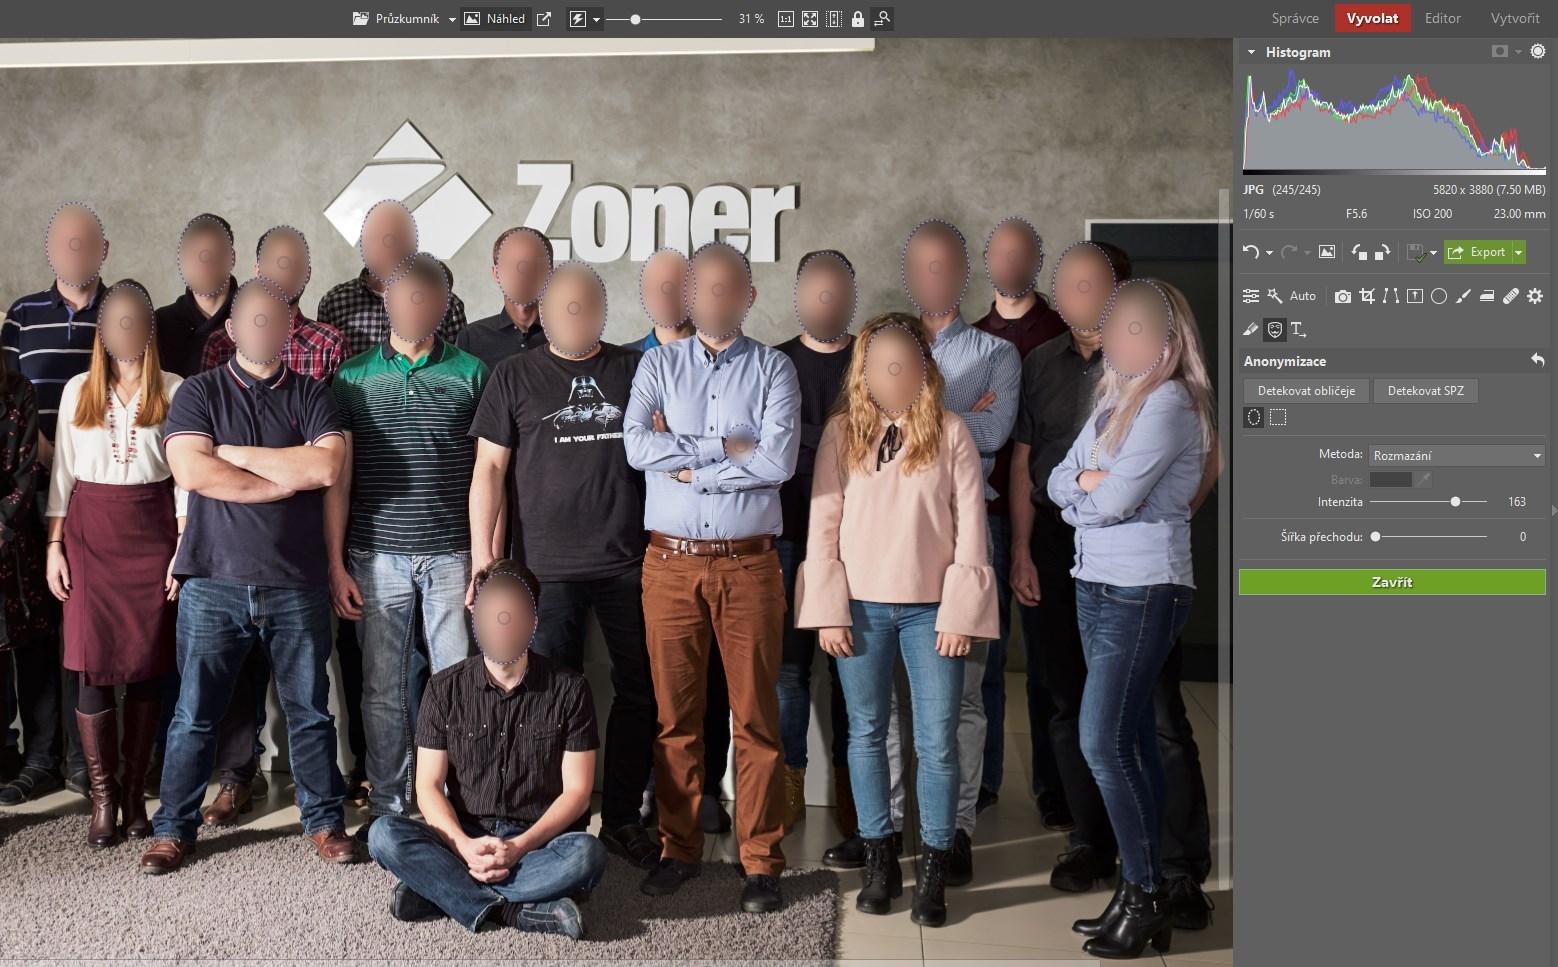 Jak snadno zakrýt obličeje a SPZ na fotkách: pomůže vám Anonymizace